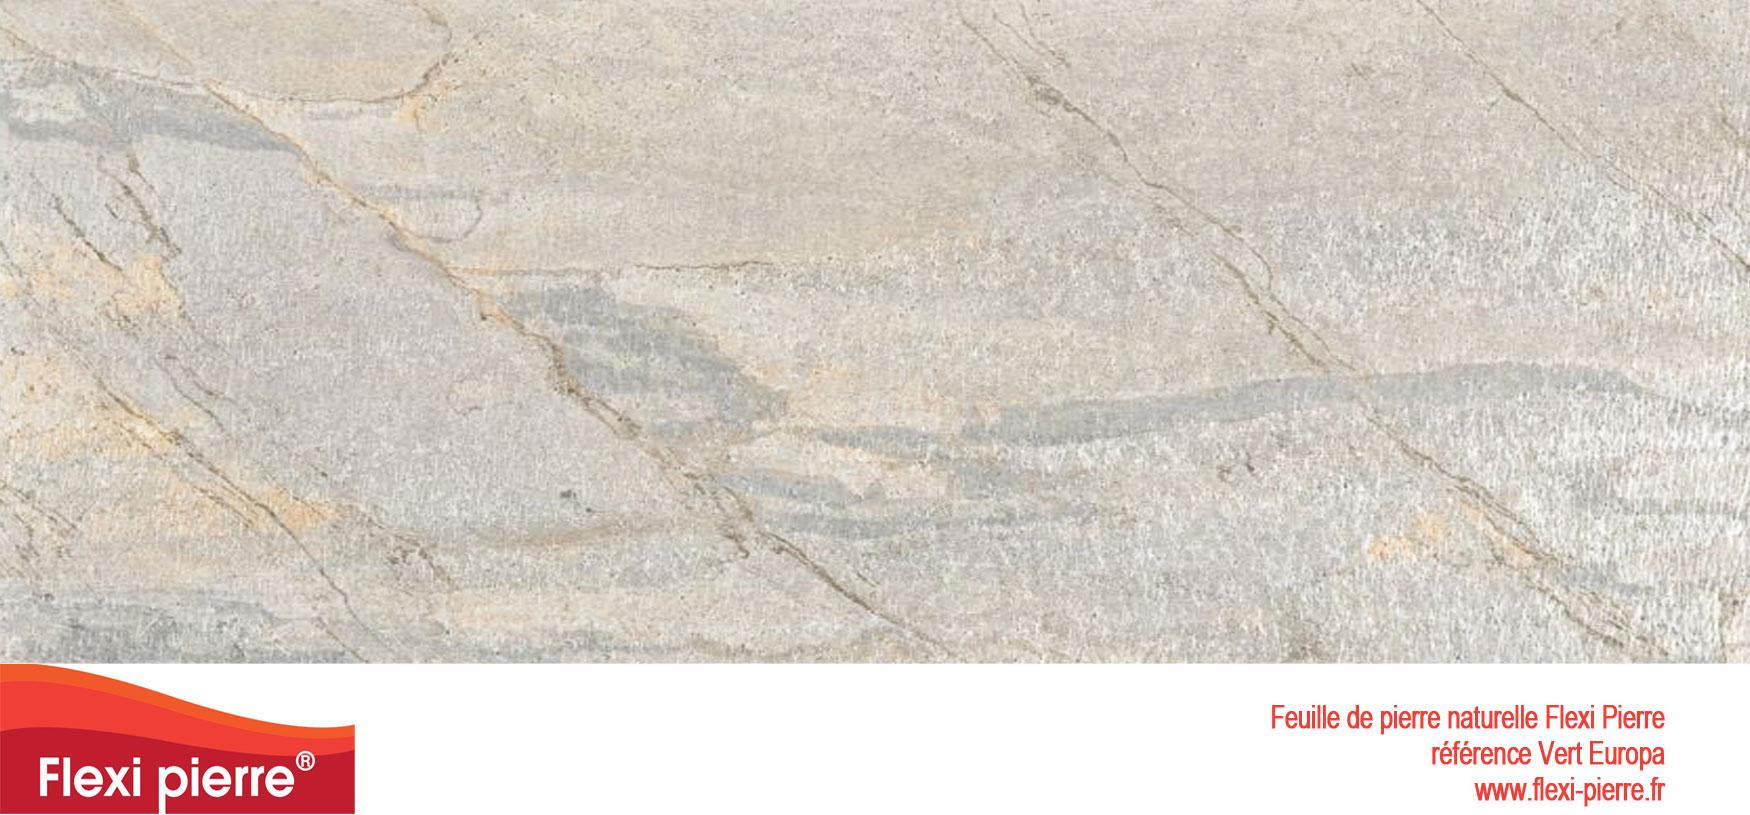 Feuille de pierre Flexi-Pierre, référence Vert Europa. Cliquez pour agrandir.